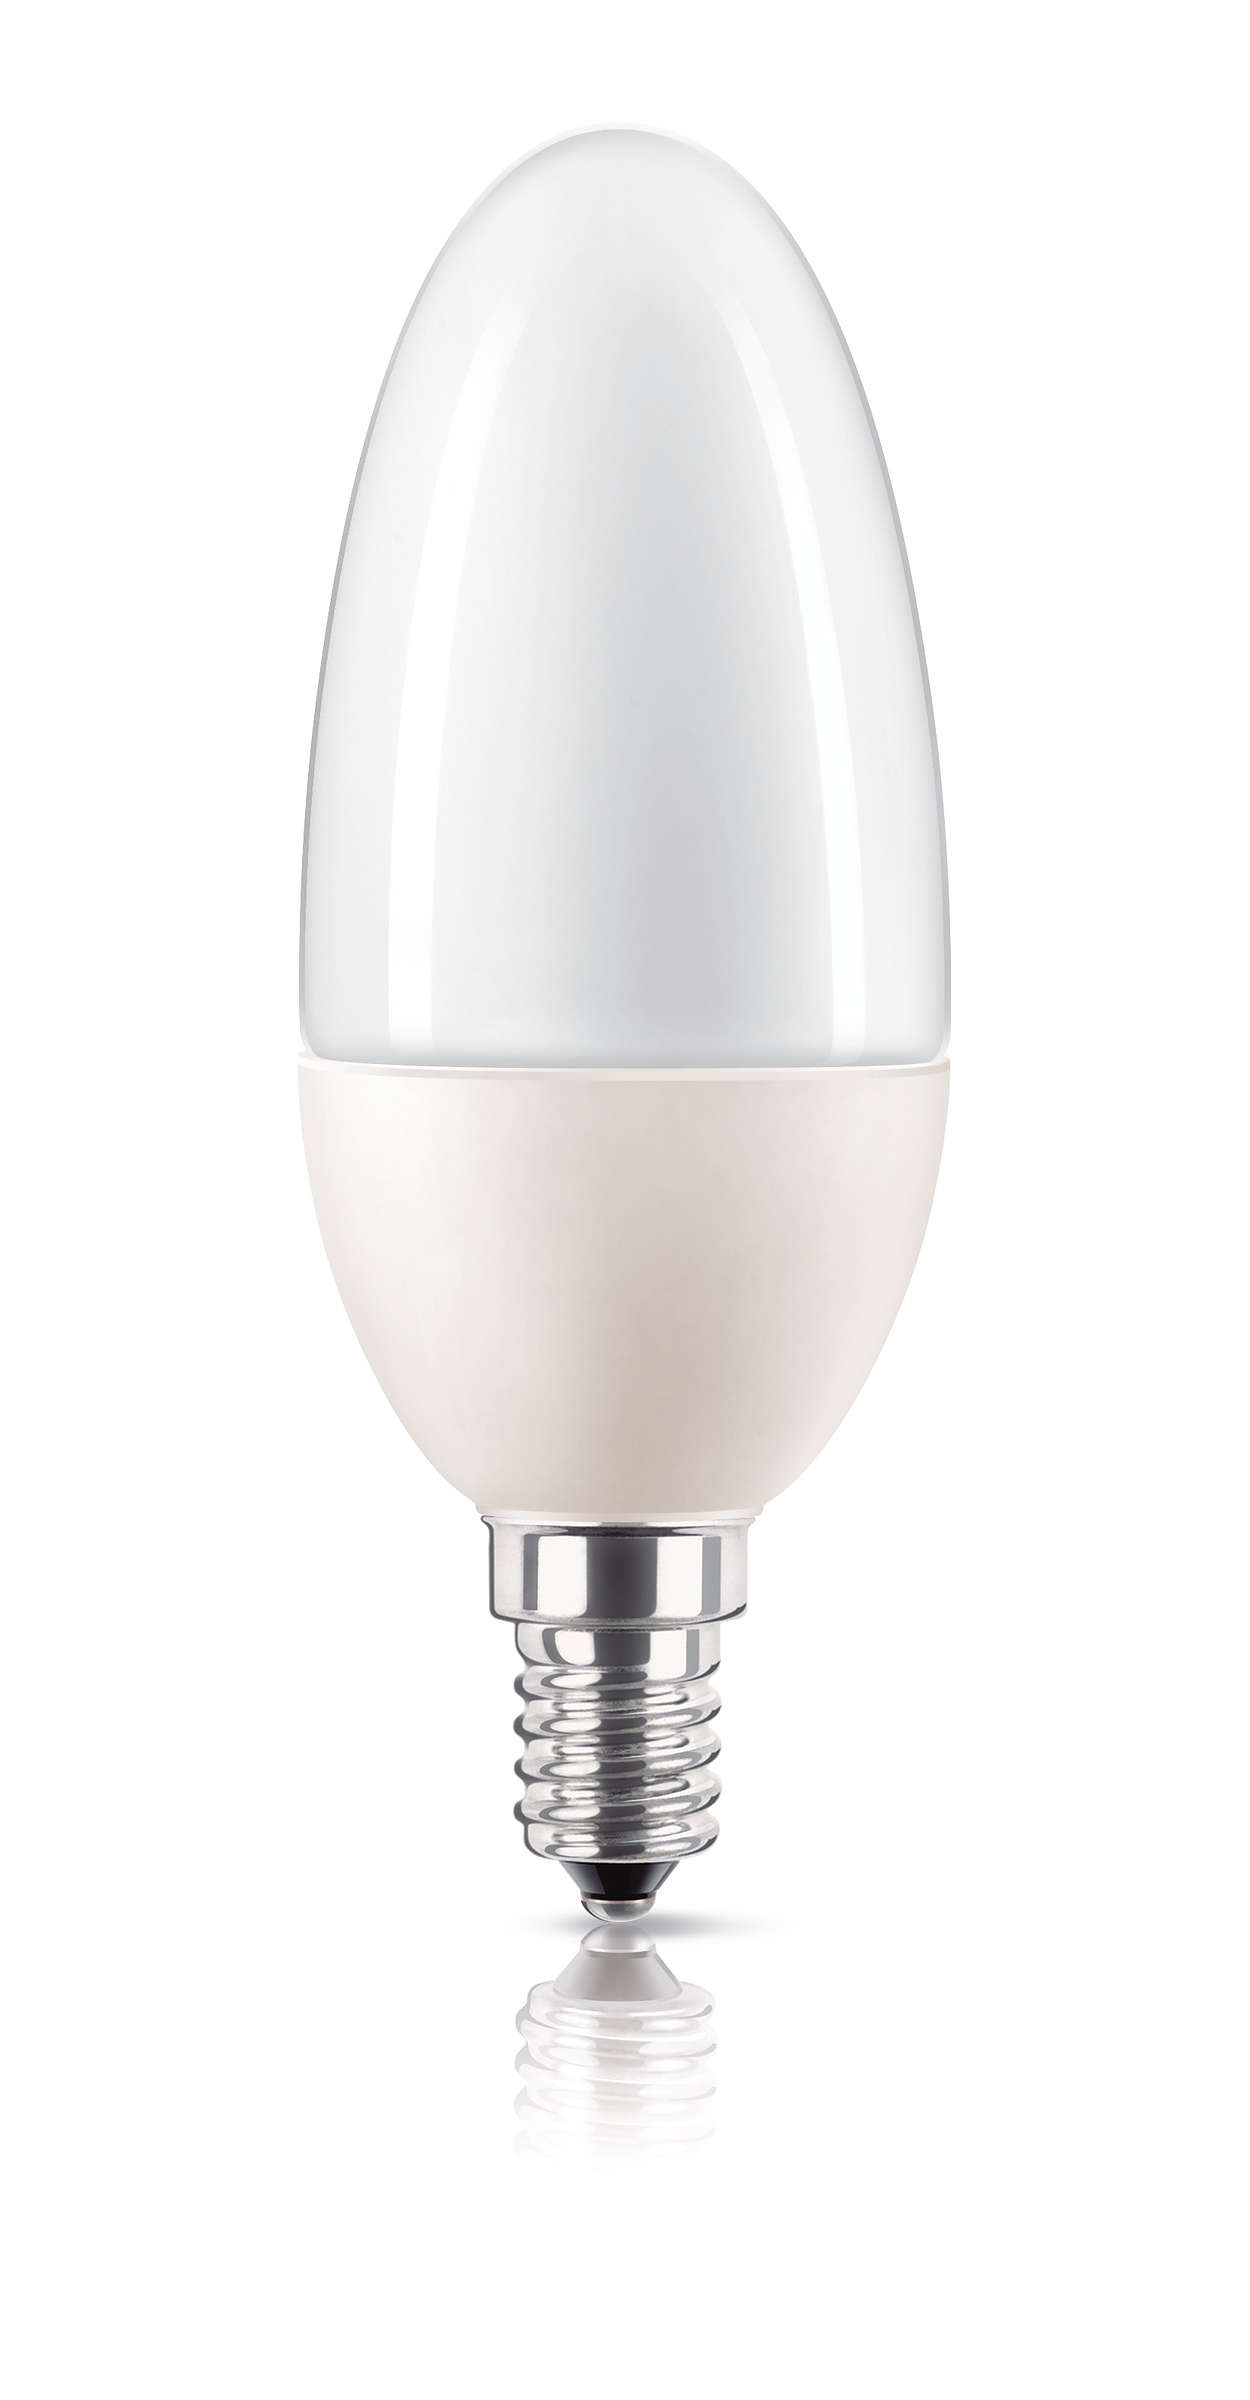 Mäkké a jemné energeticky úsporné svetlo